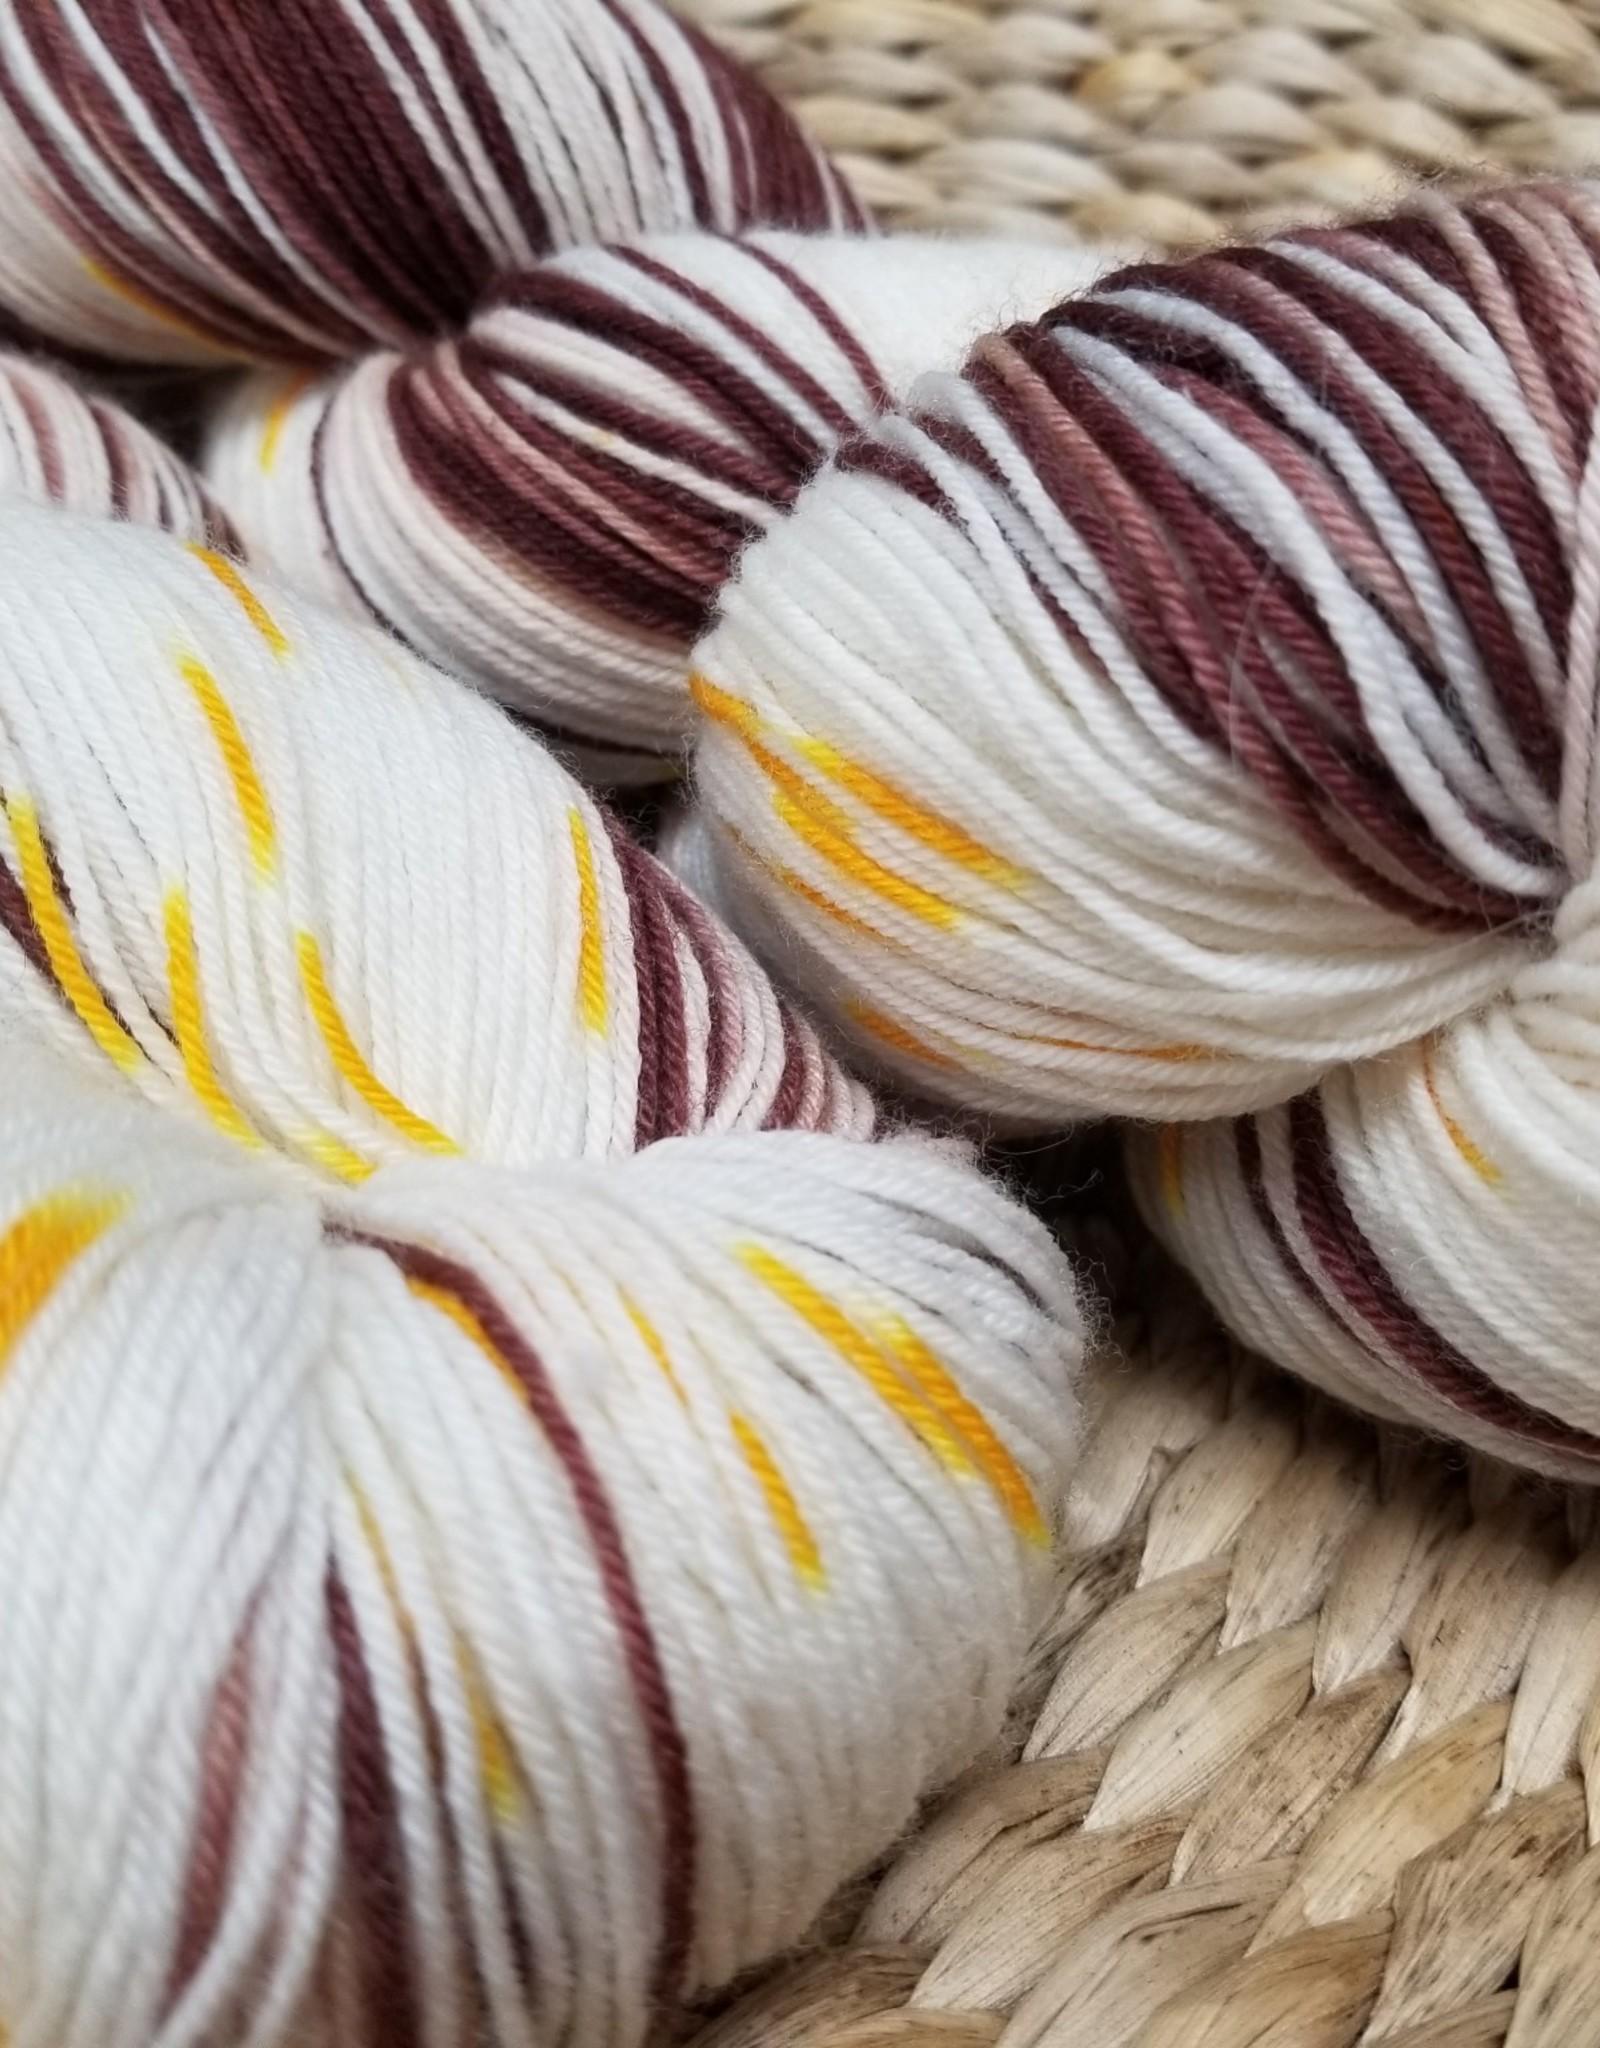 Artistic Yarns By Abi Bacon & Eggs